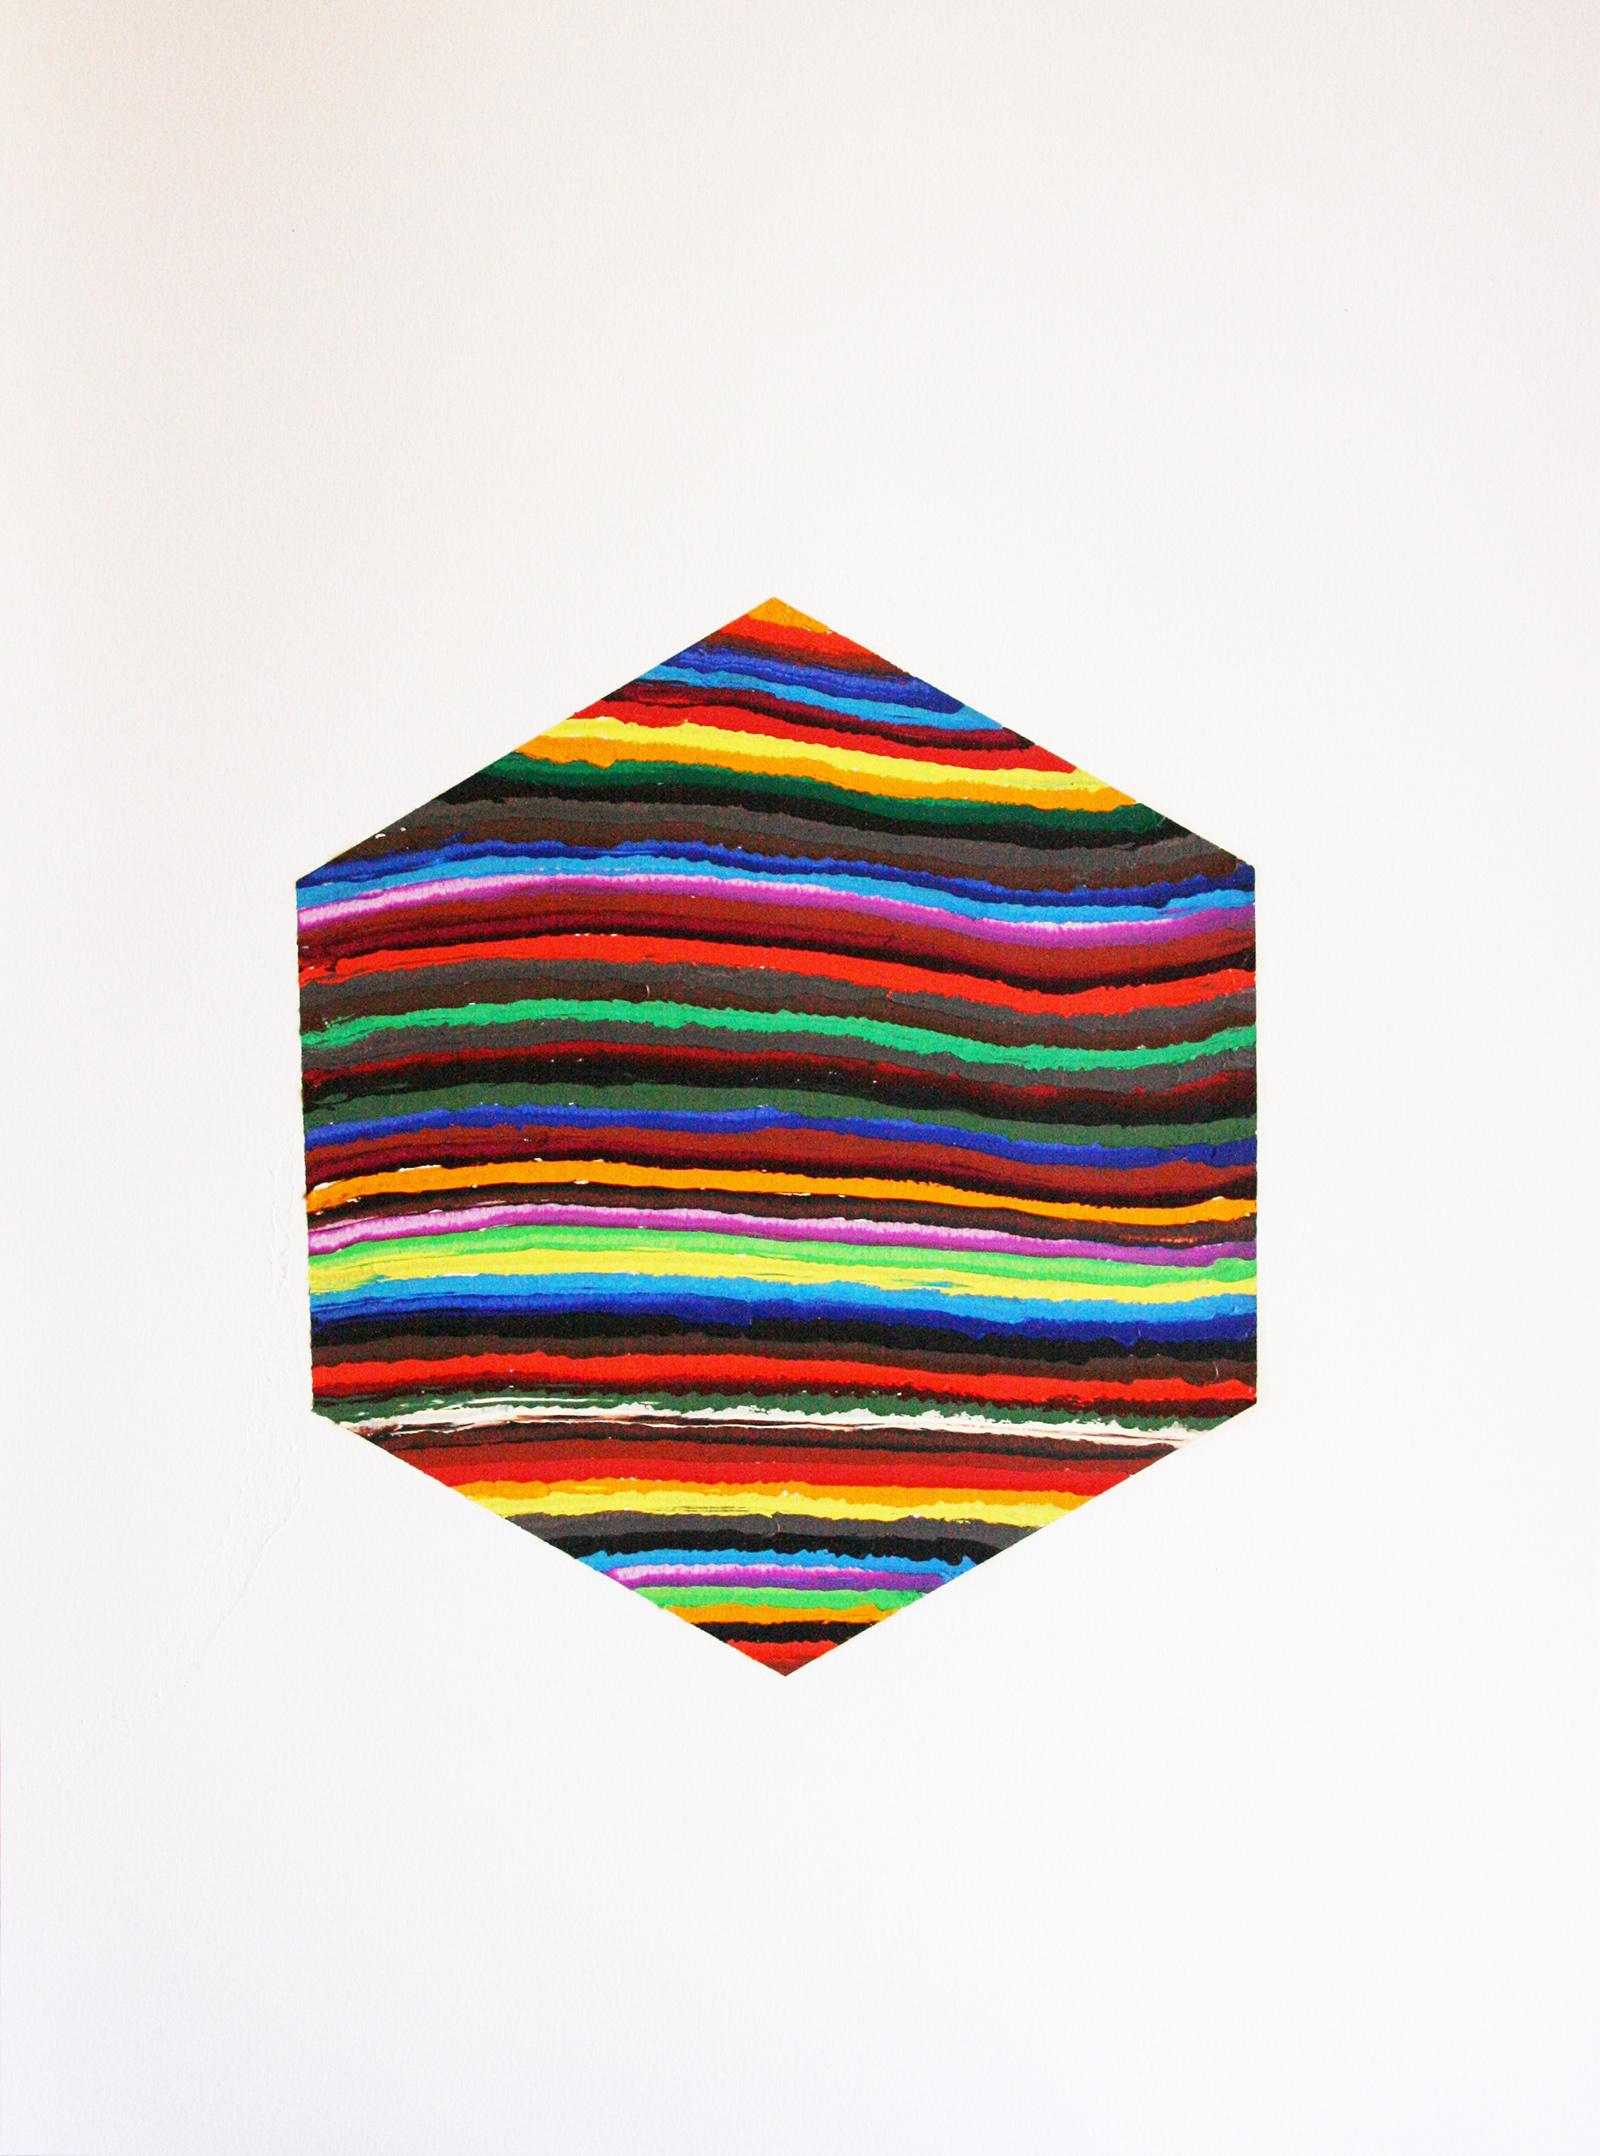 Geom 5 (oil on paper, 65x50cm) 2011- Miquel Gelabert